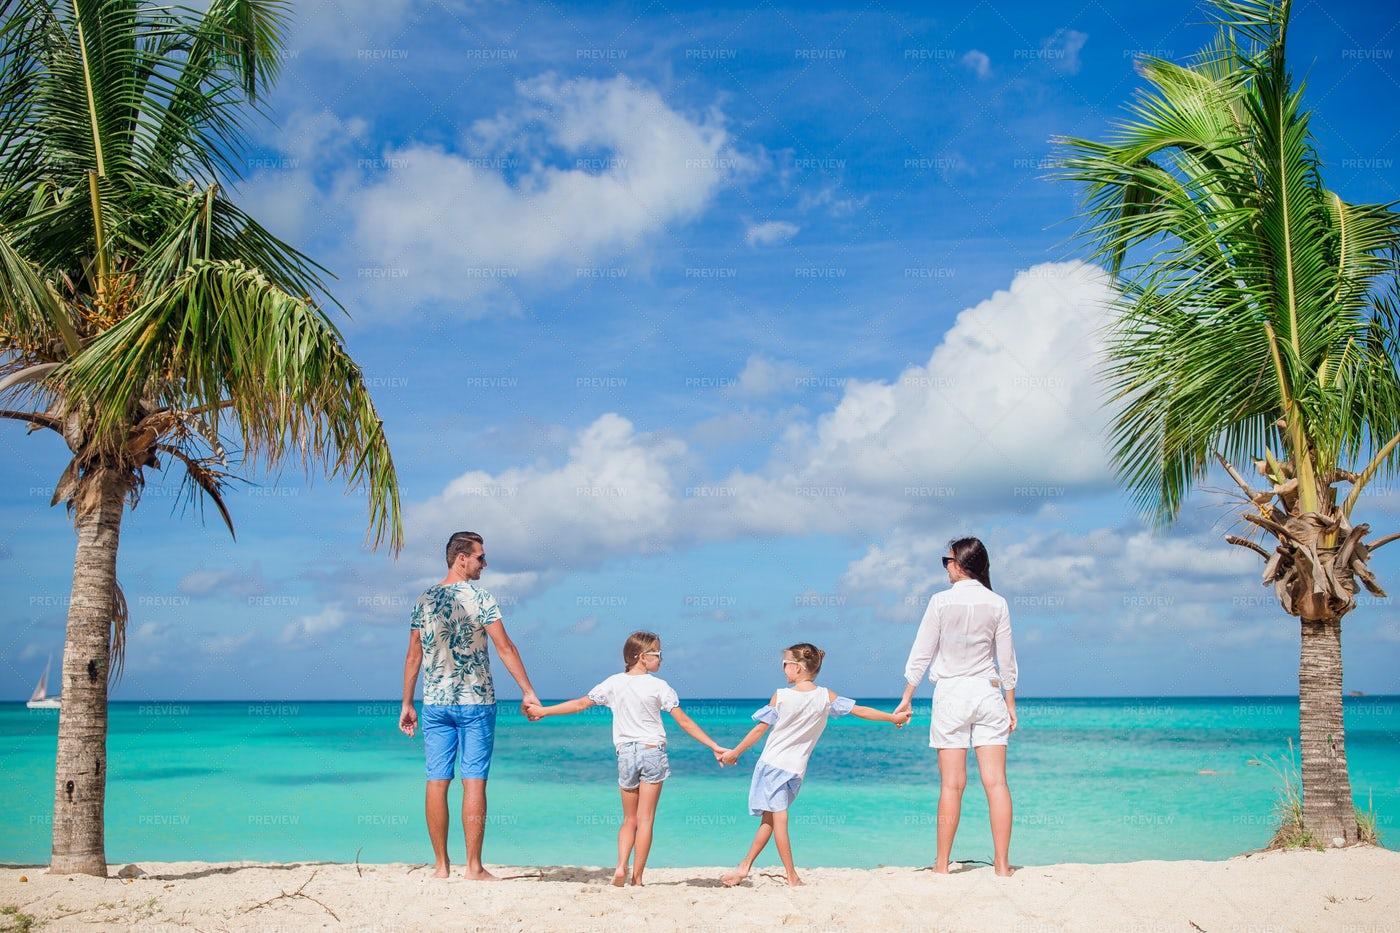 Family Holding Hand On Beach: Stock Photos